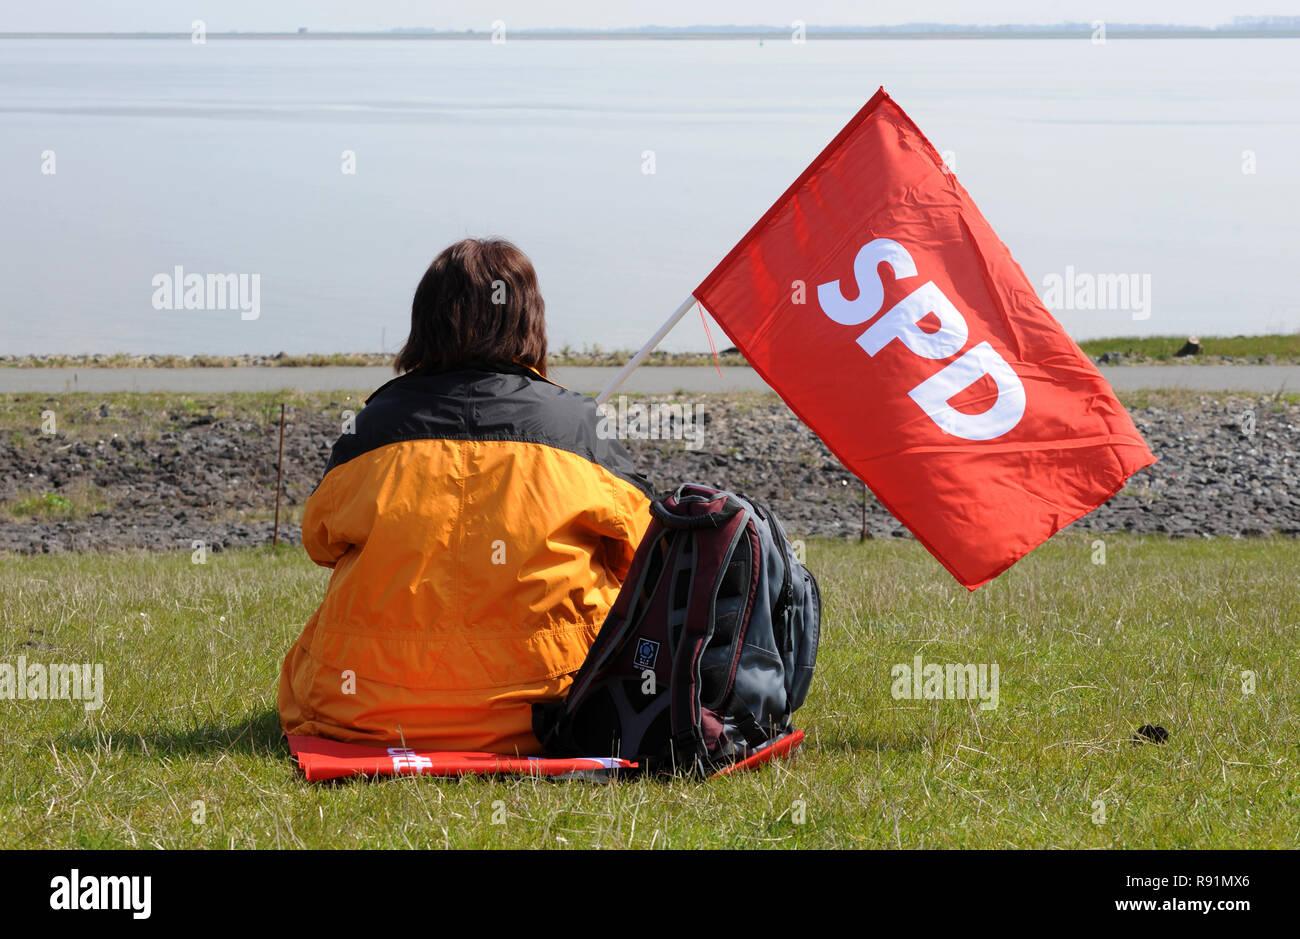 24.04.2010, Brokdorf, Schleswig-Holstein, Germany - Die Aktion -KettenREaktion- bildet eine Menschenkette vom KKW Brunsbuettel bis Kruemmel. Eine Frau - Stock Image